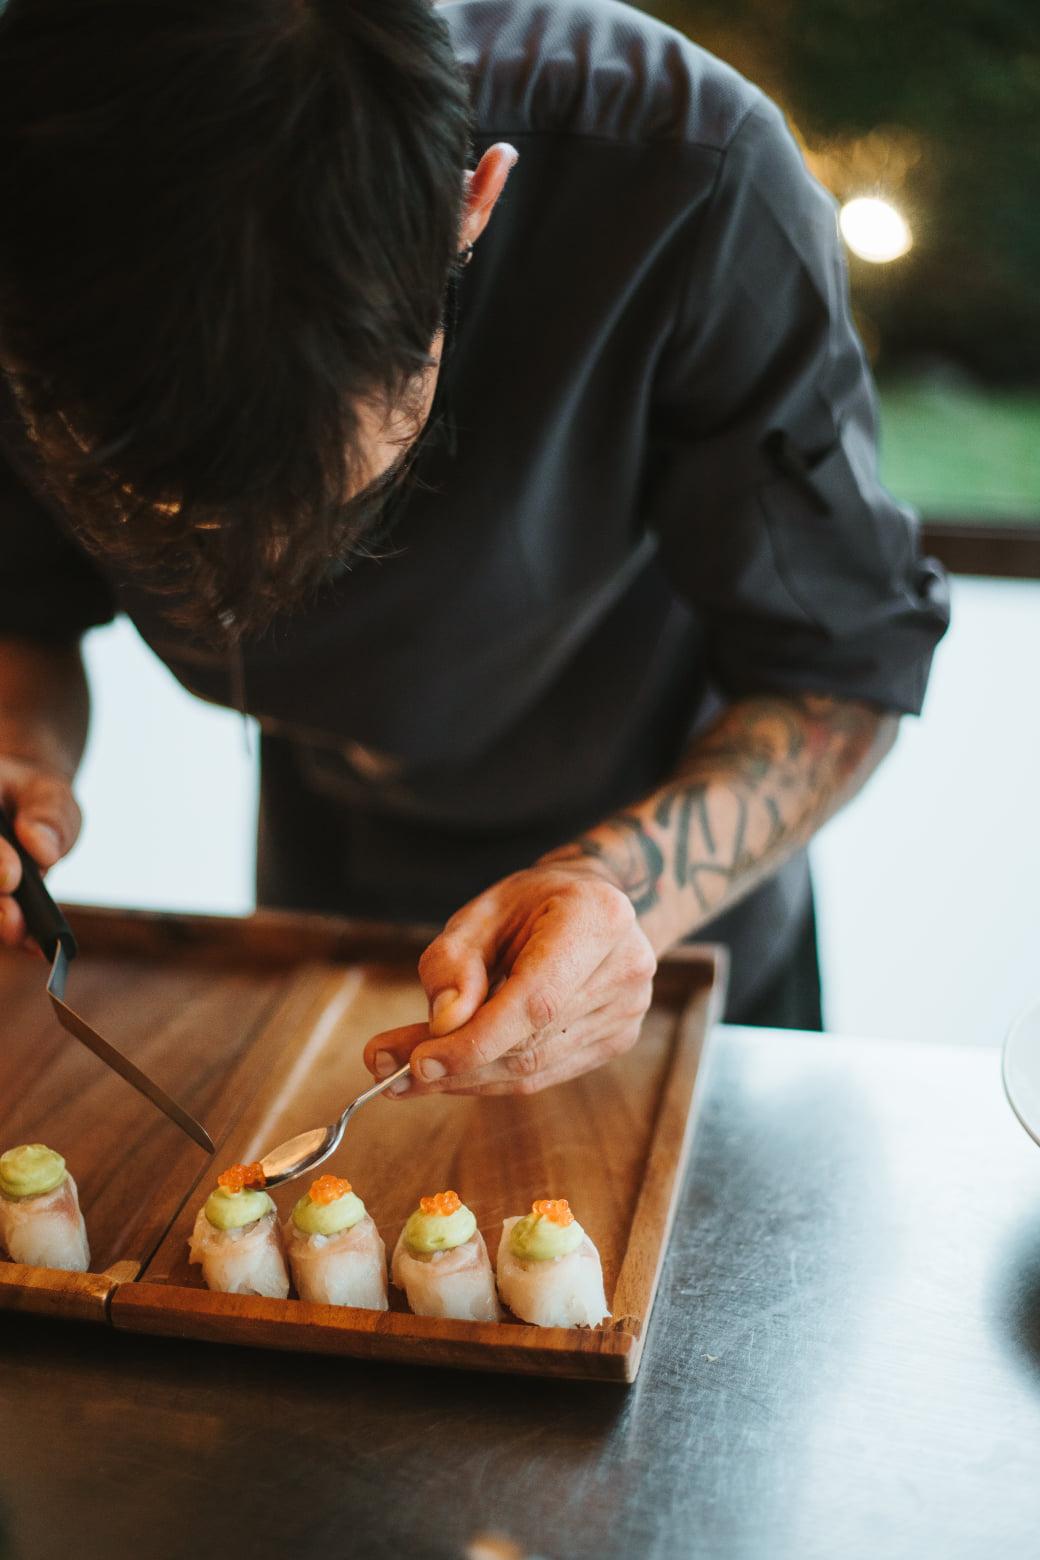 La noche de cocina Nikkei en el restaurante La Violeta, un evento culinario de primer nivel 23